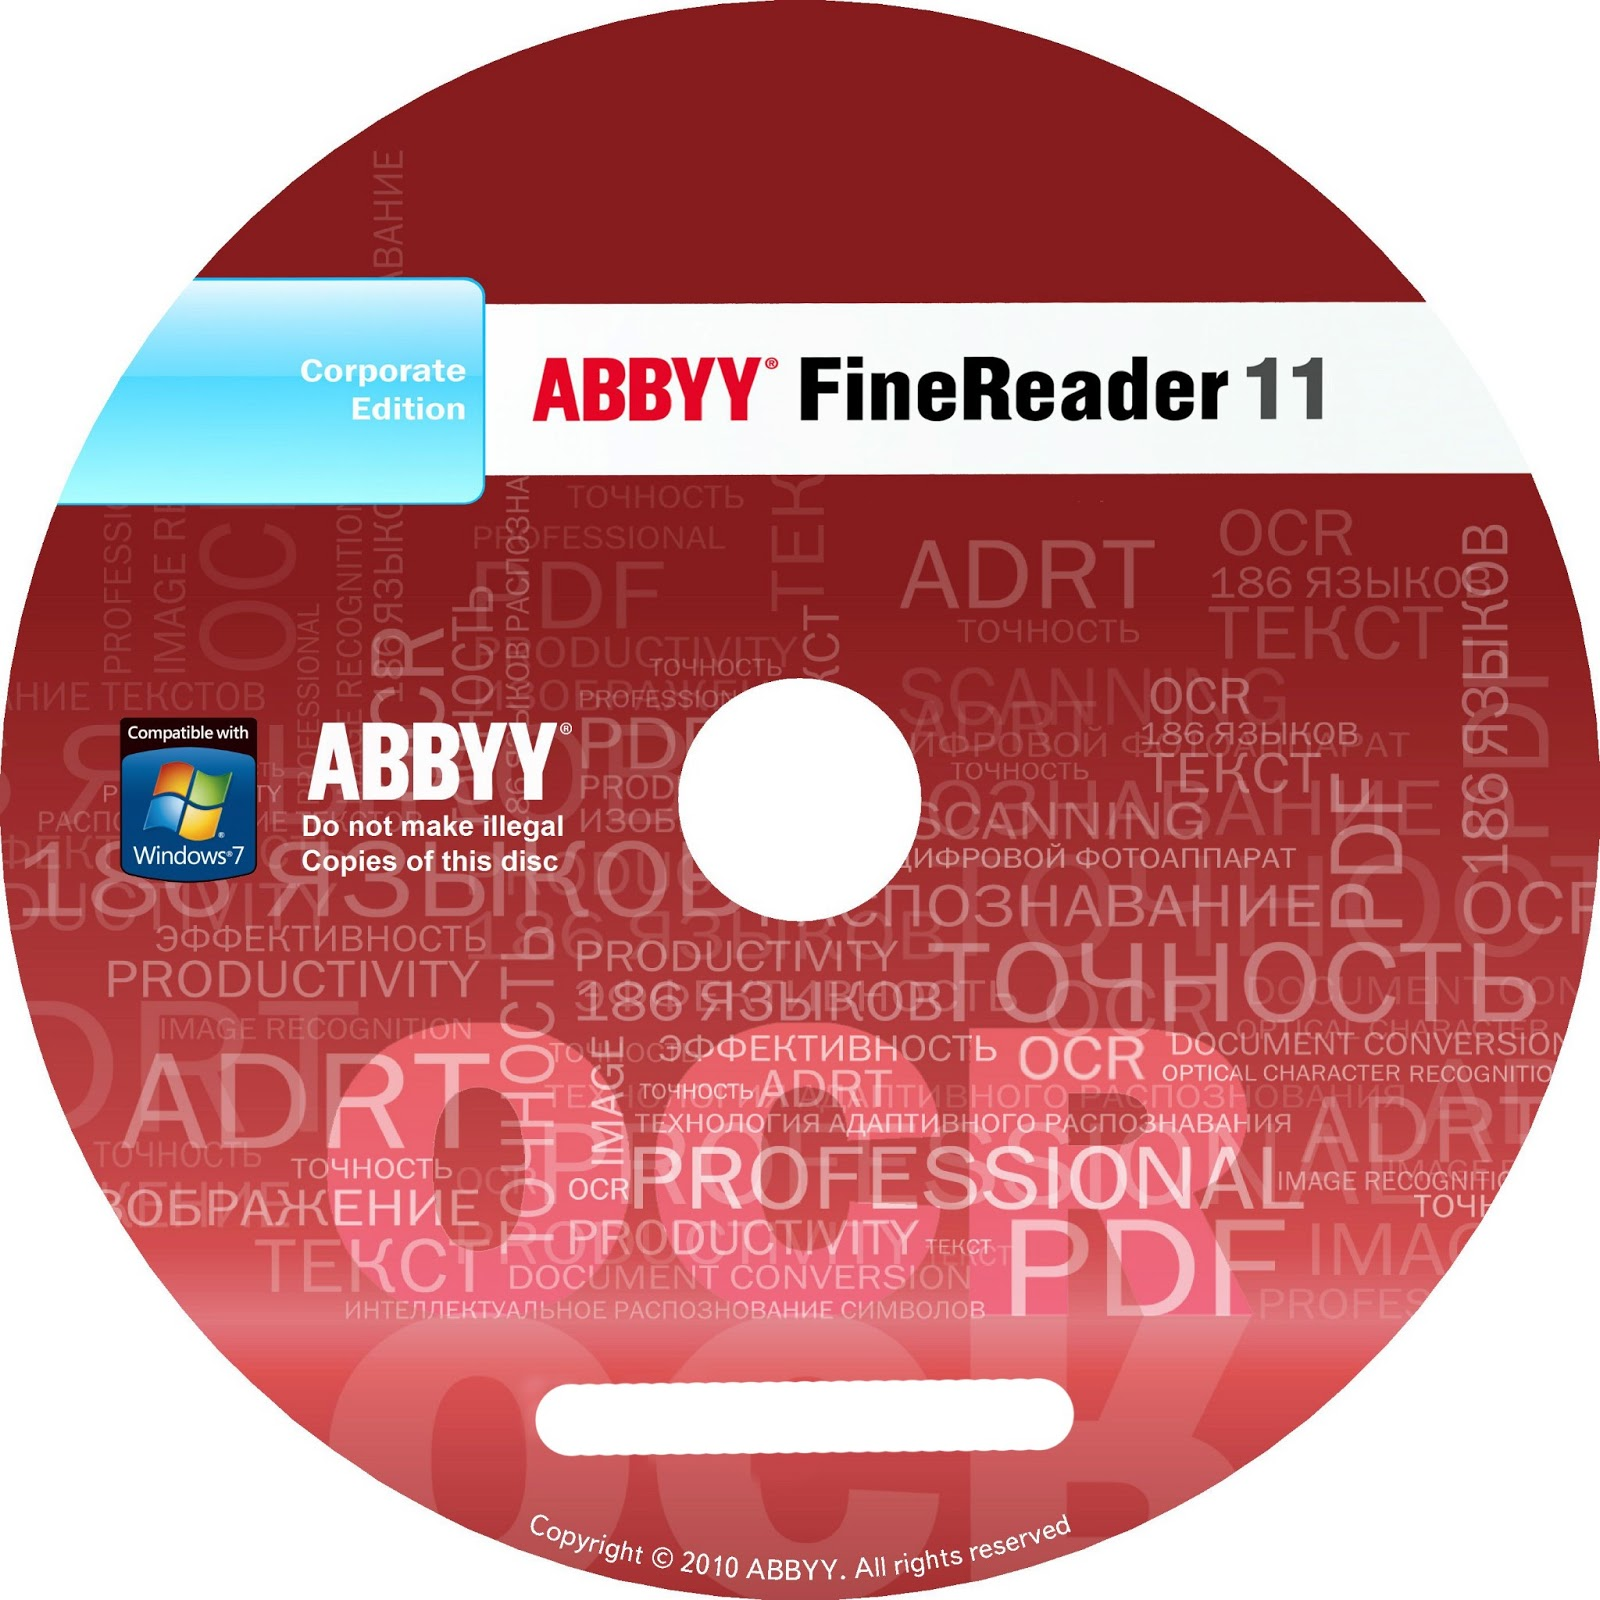 Abbyy finereader 11 - 3